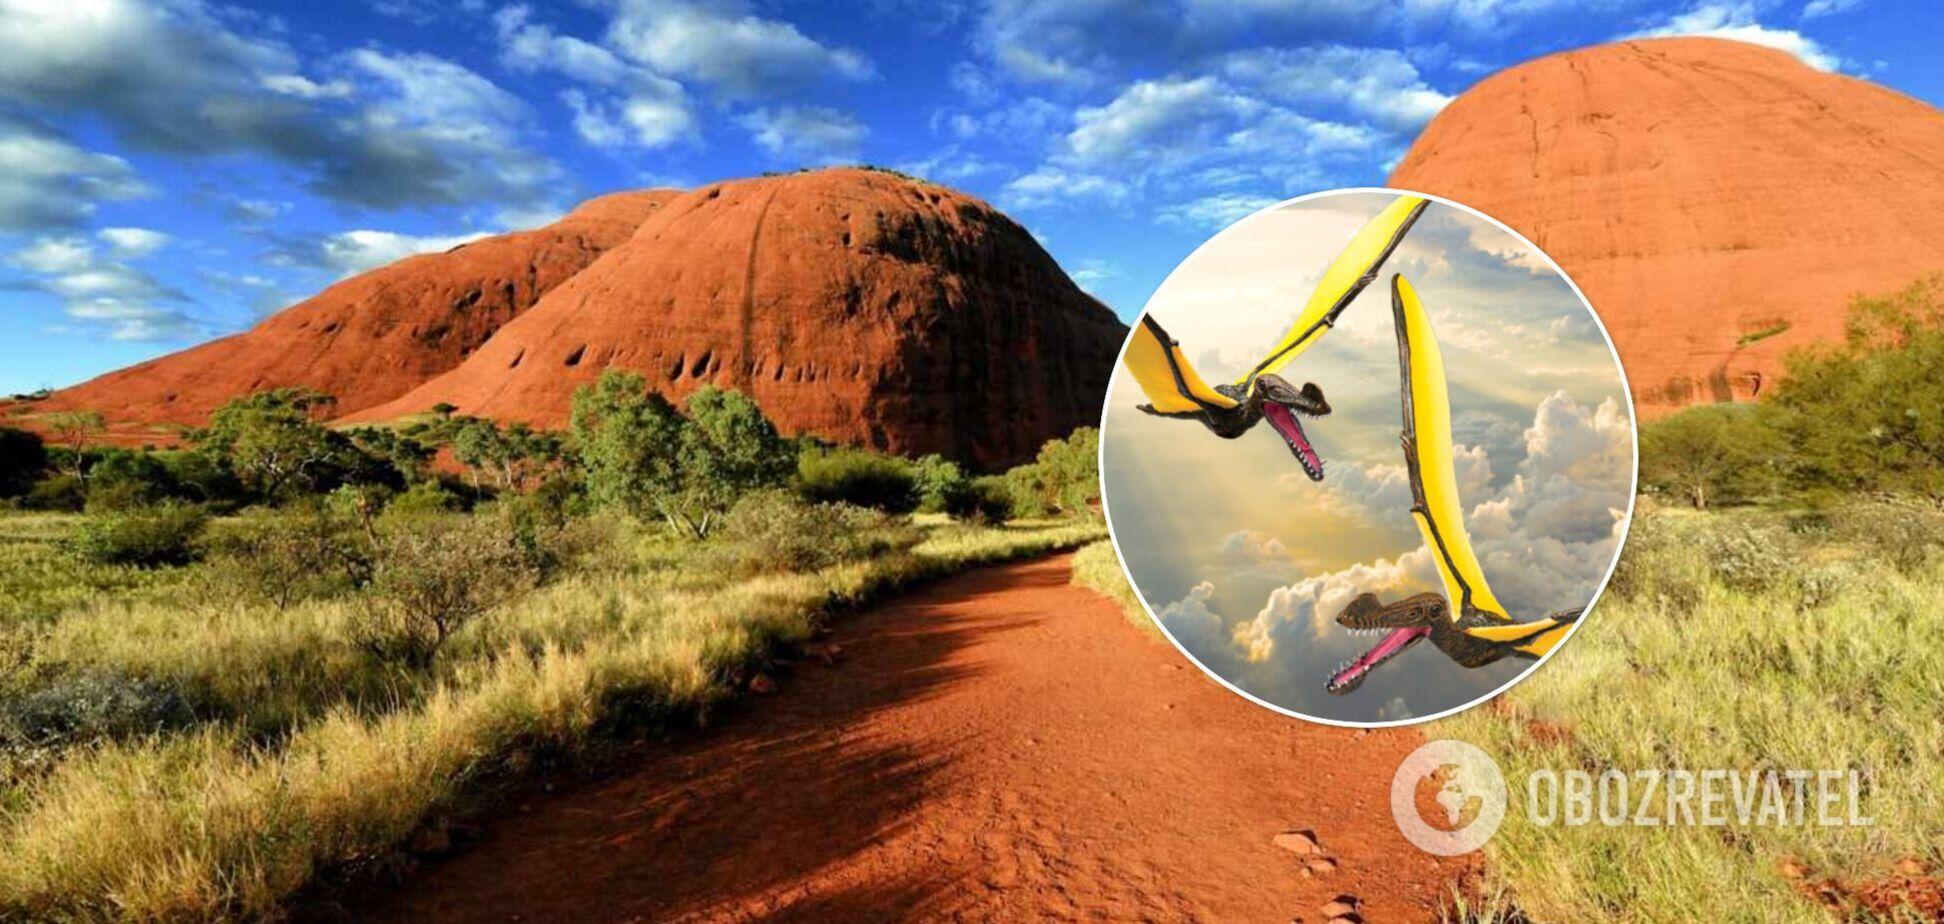 В Австралии обнаружили останки 'дракона', размах крыльев которого достигал 7 метров. Фото